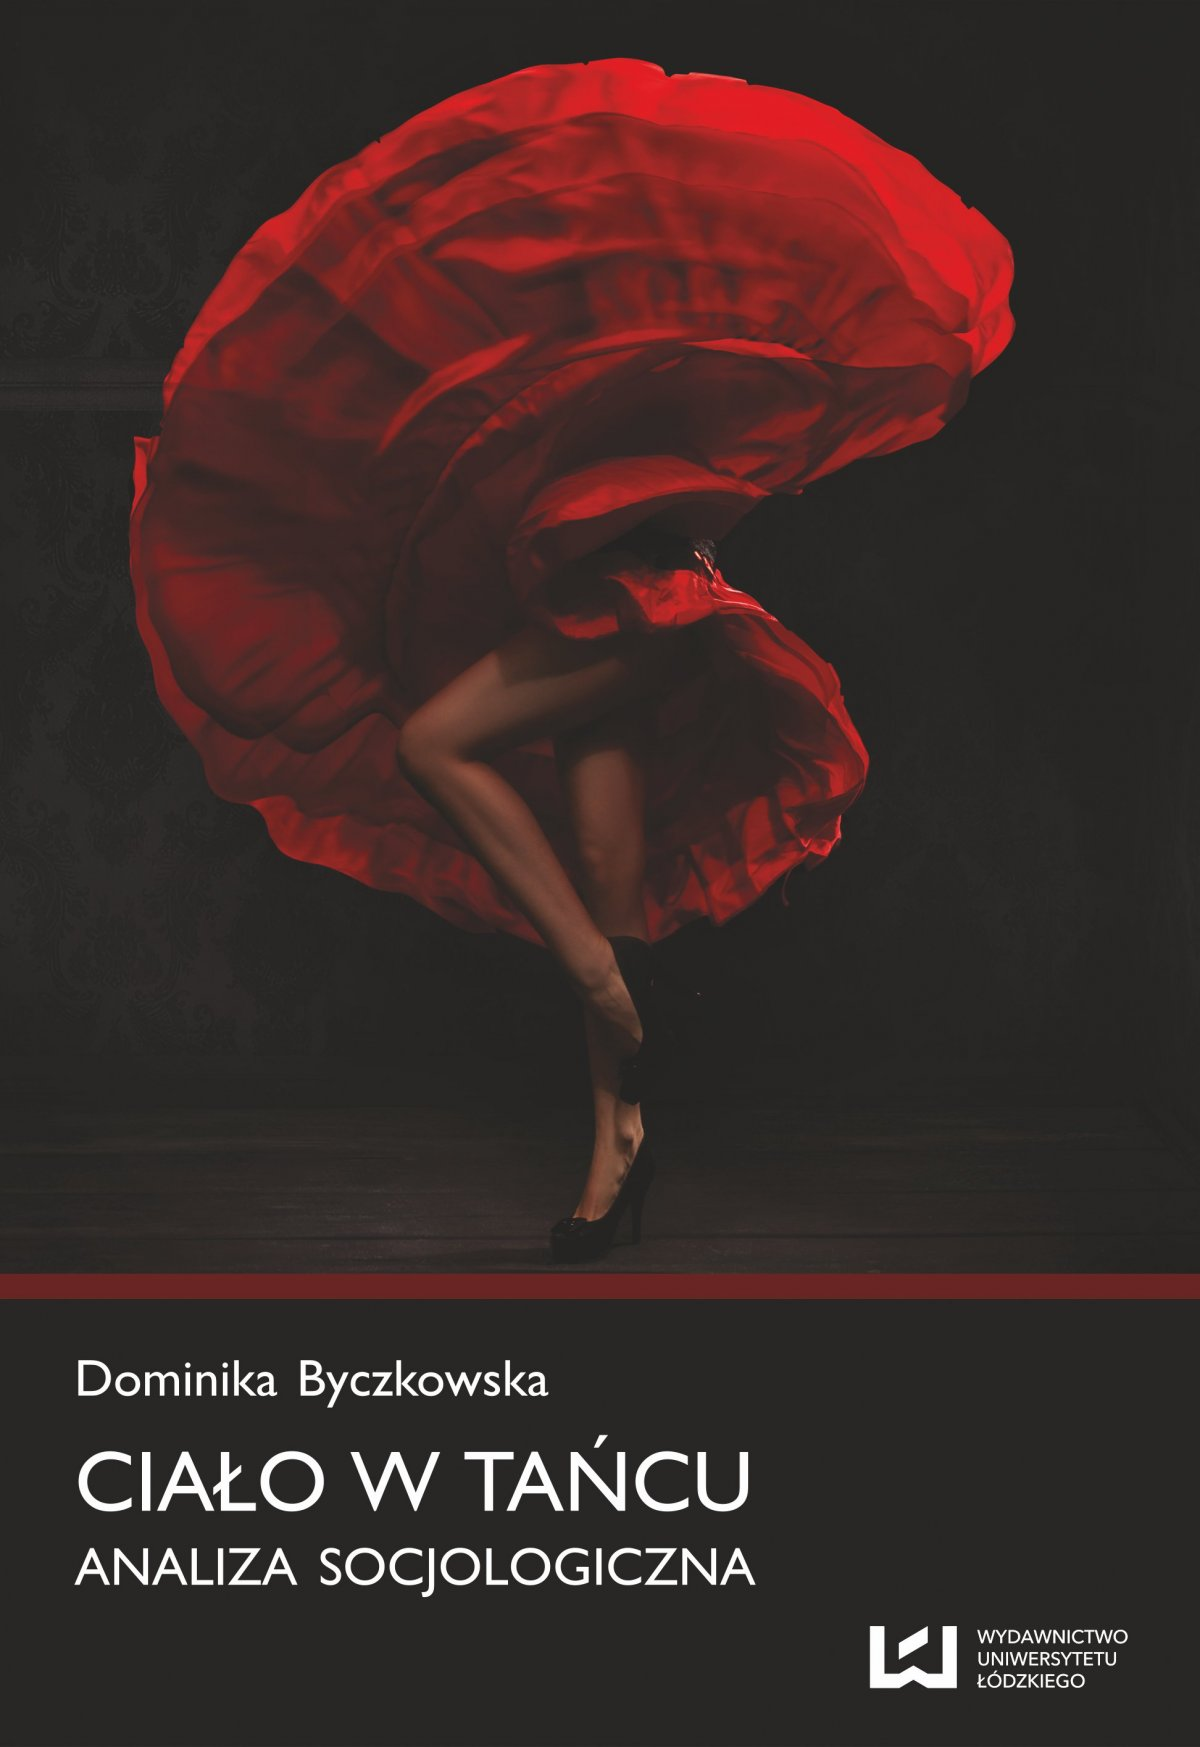 Ciało w tańcu. Analiza socjologiczna - Ebook (Książka PDF) do pobrania w formacie PDF